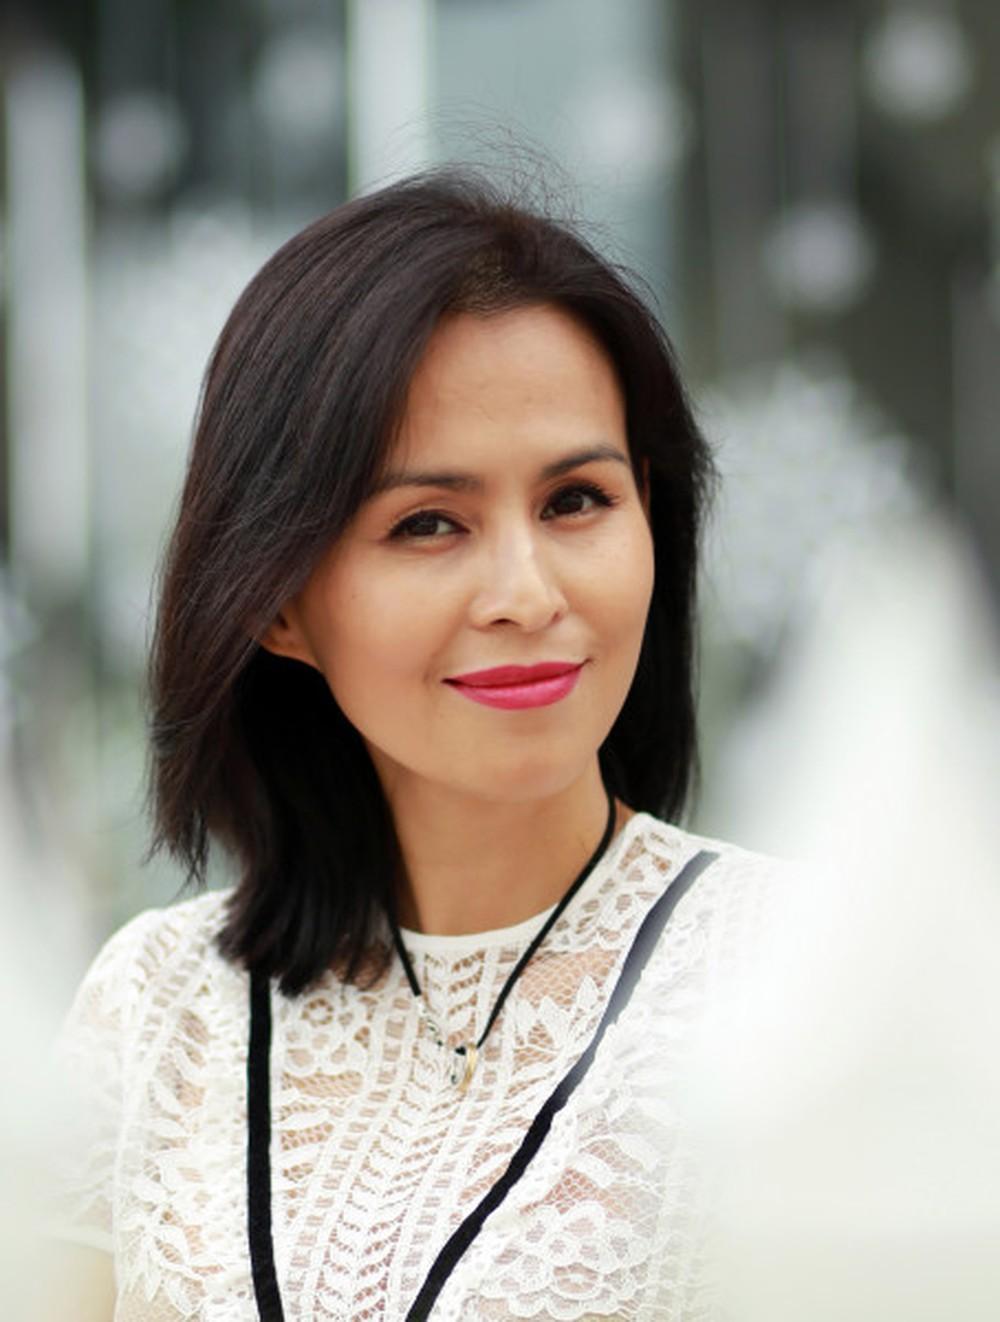 Biến mới: Vợ cũ Huy Khánh đăng đàn chửi thẳng mặt HHen Niê quê mùa, thiếu ý thức nàng Hậu đáp trả khiến ai cũng phải nể - Hình 4